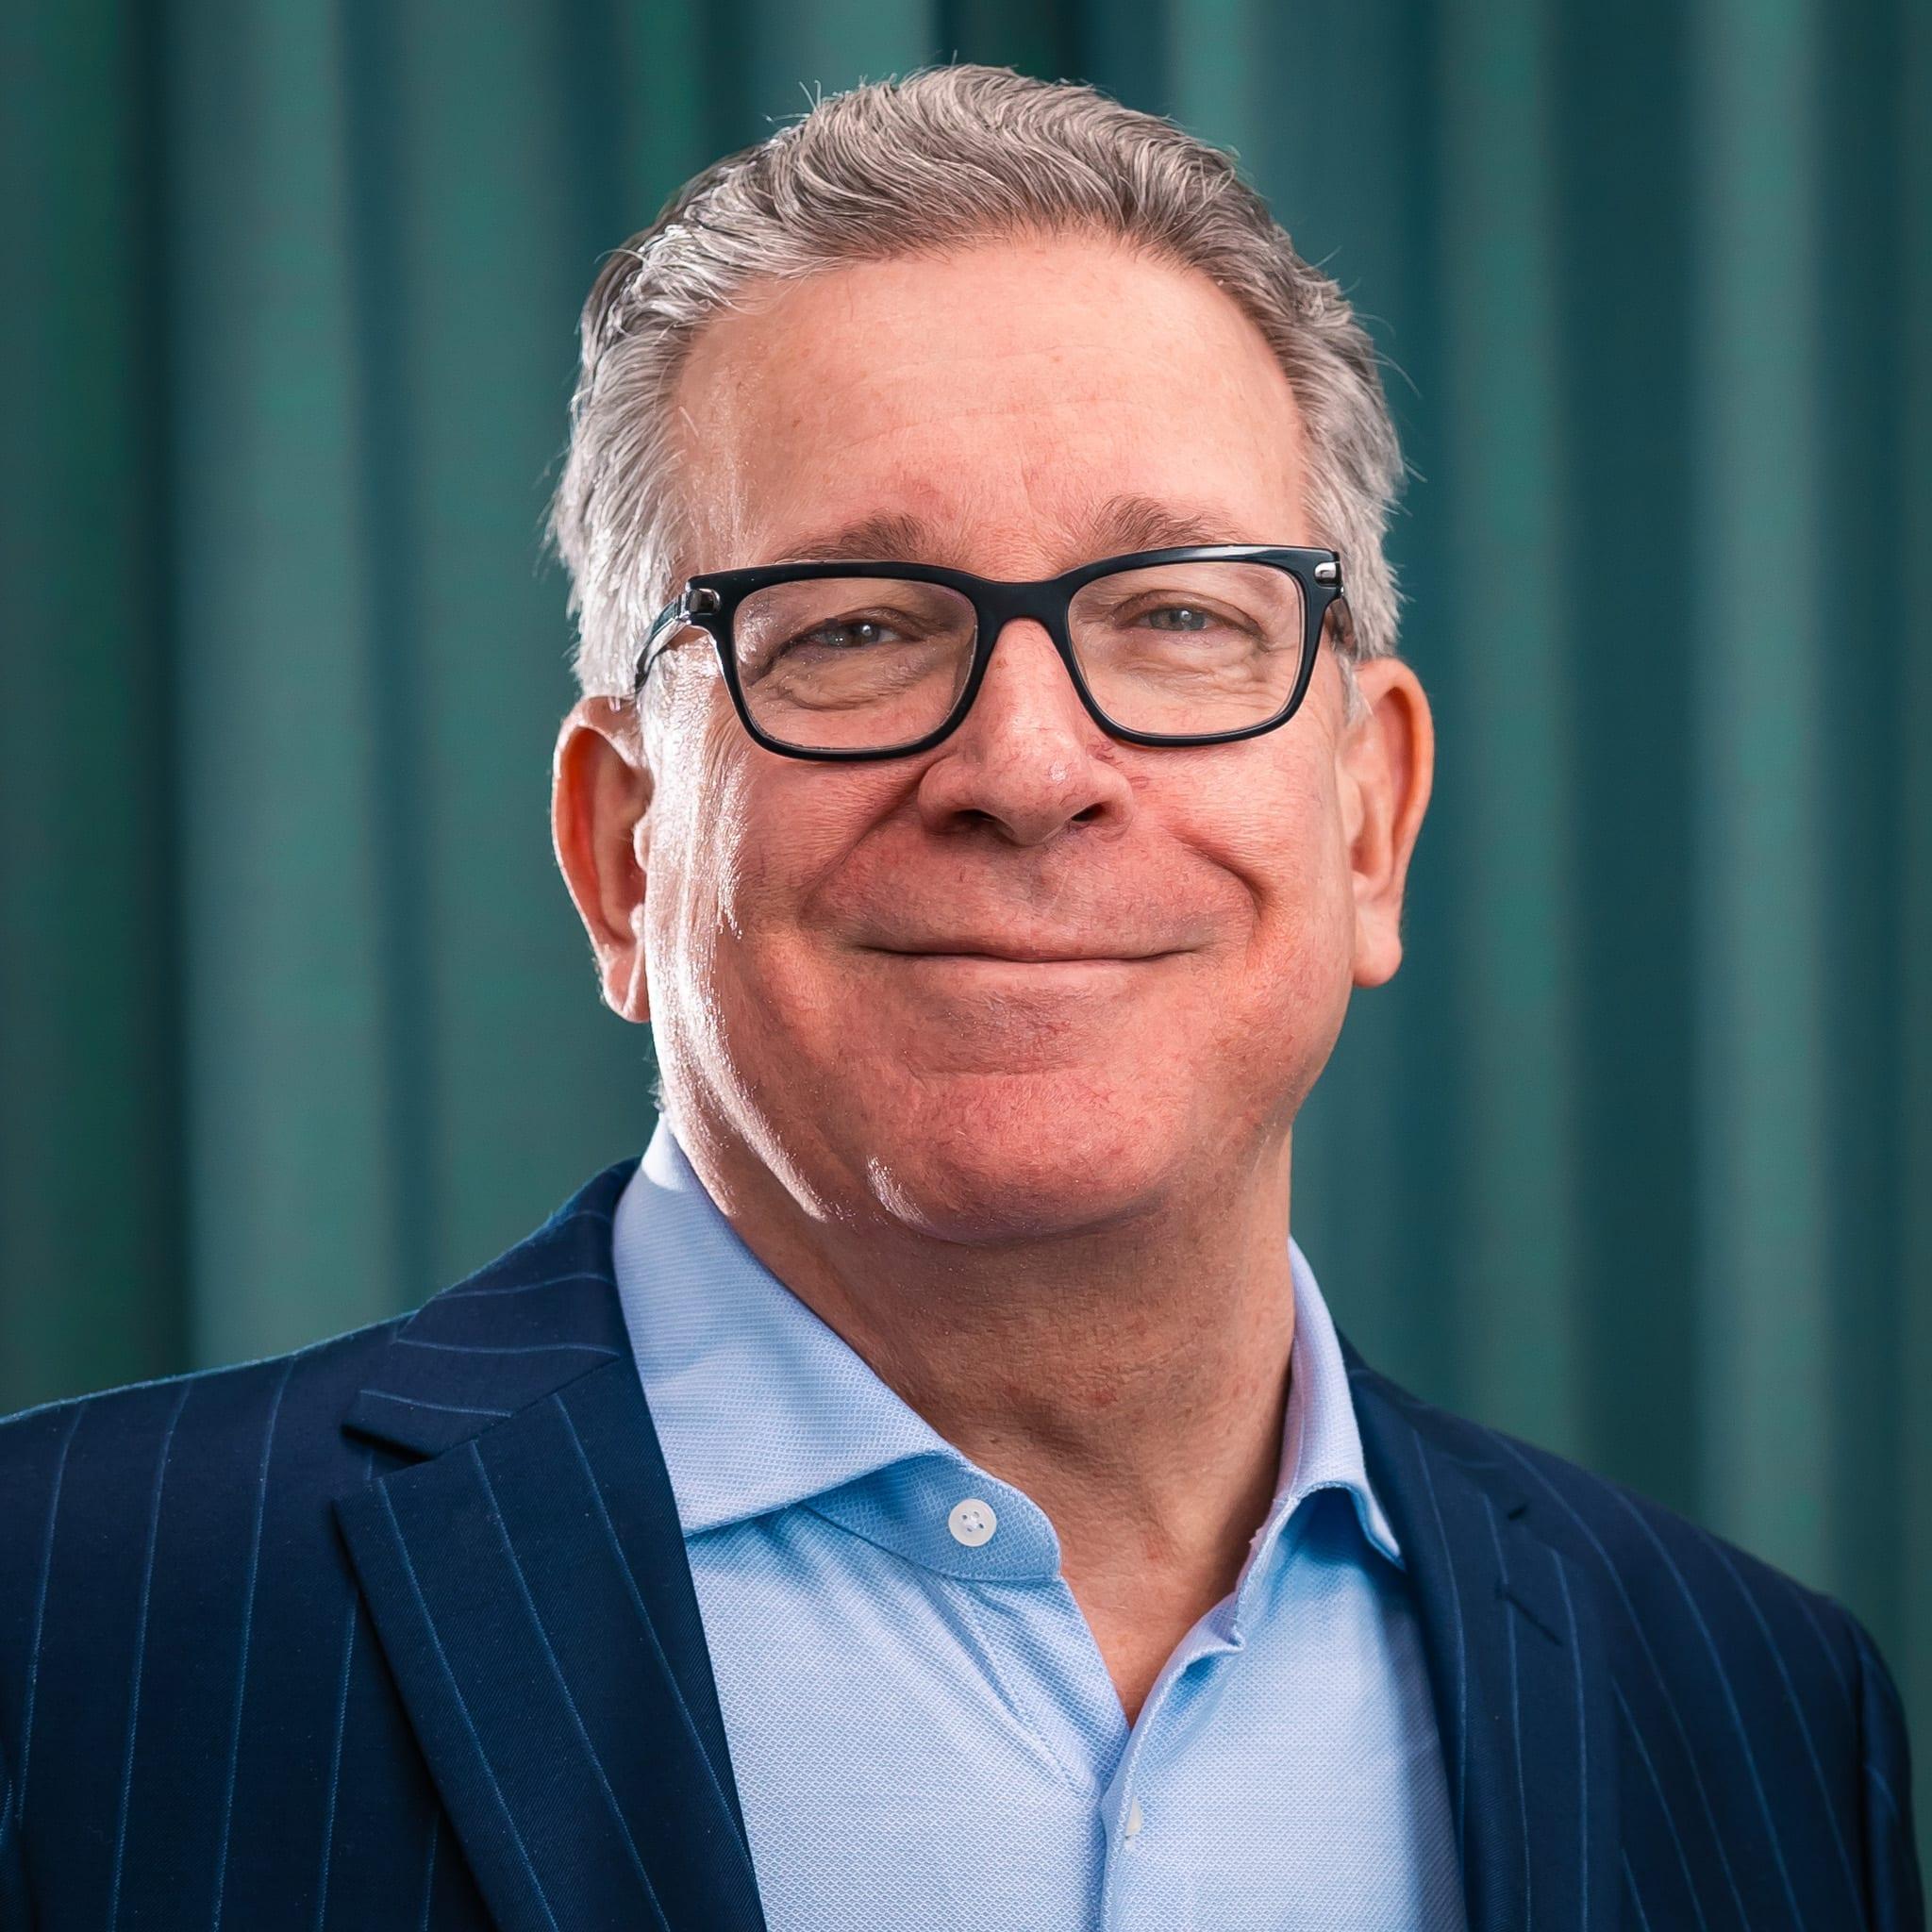 John Lempert, CEO